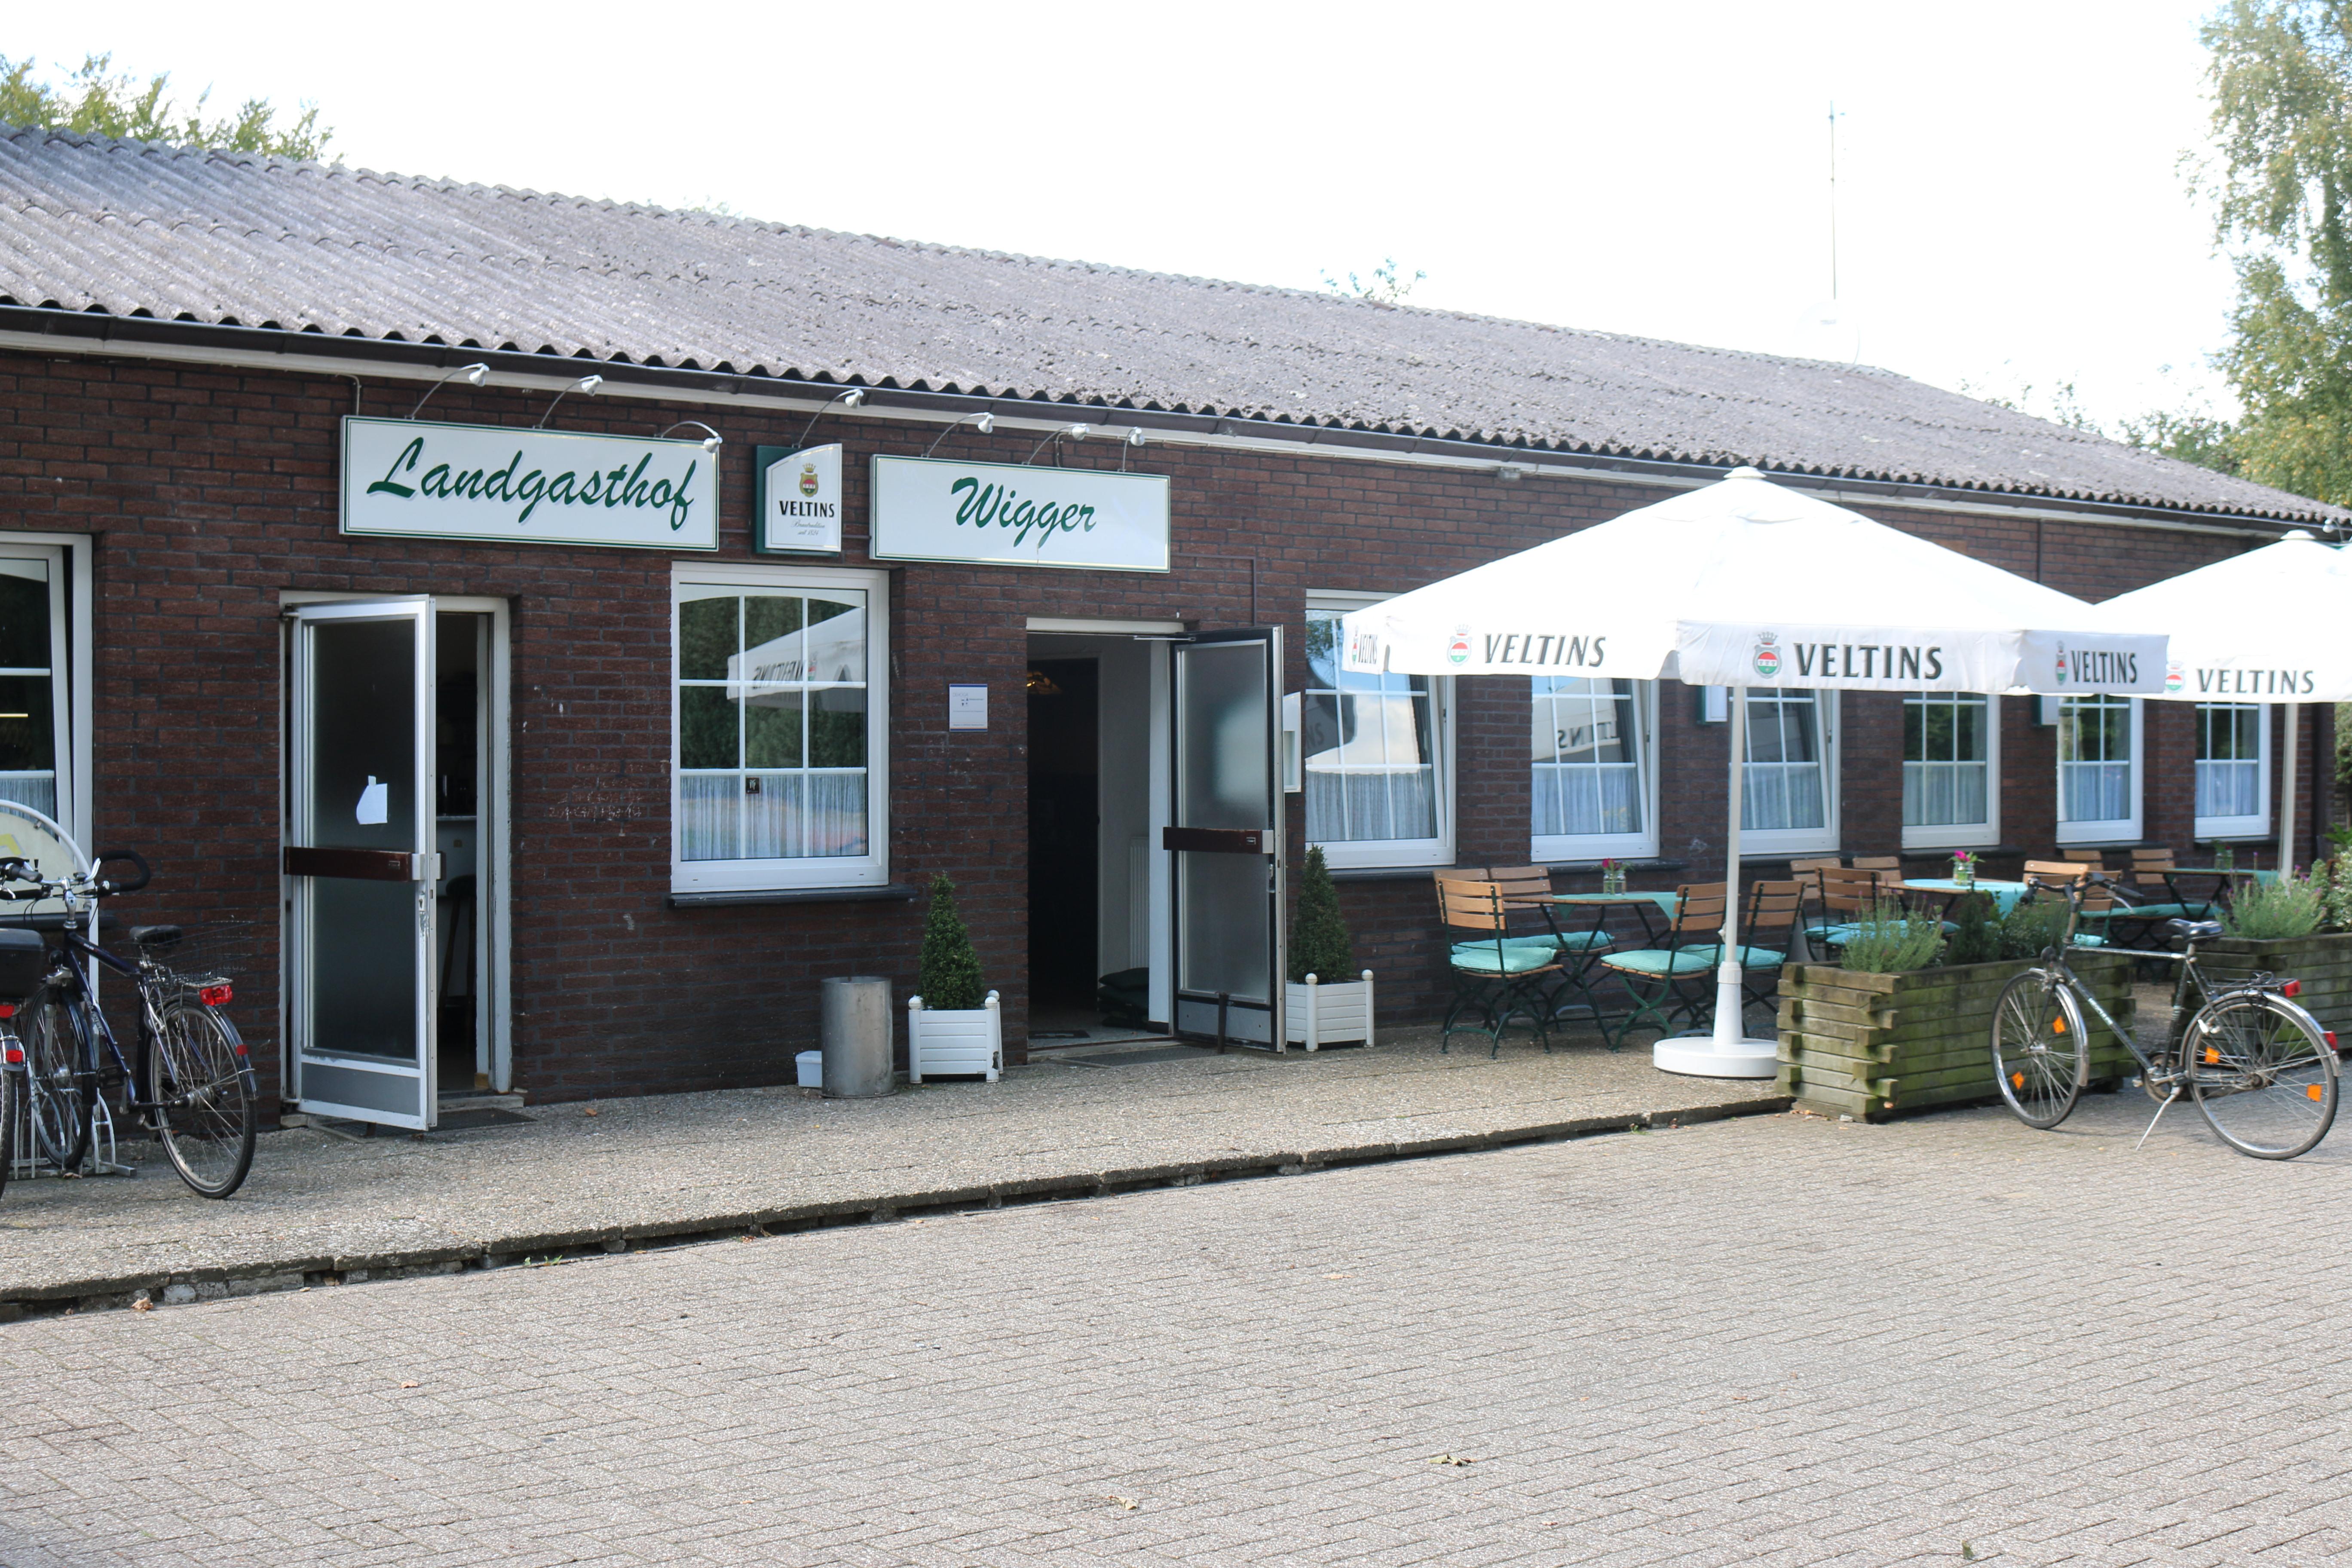 Landgasthof Wigger